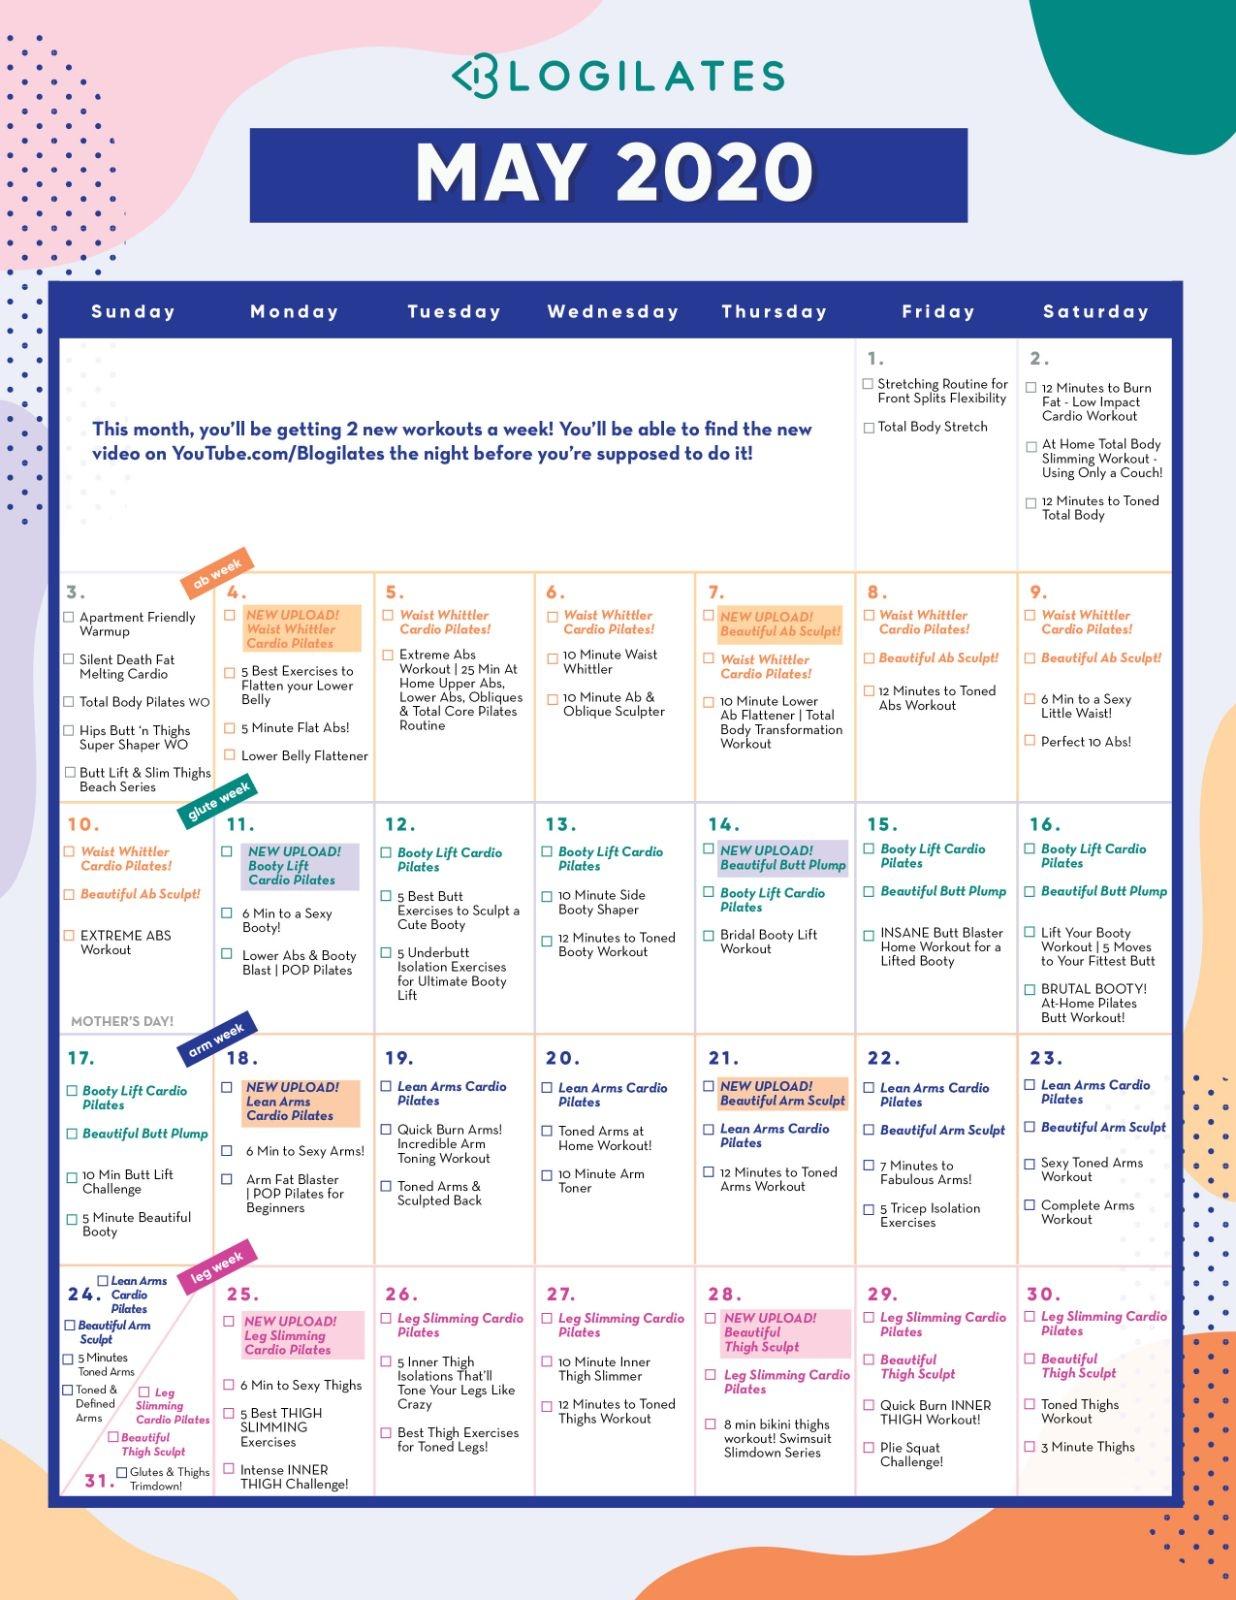 May 2020 Cal - Large – Blogilates